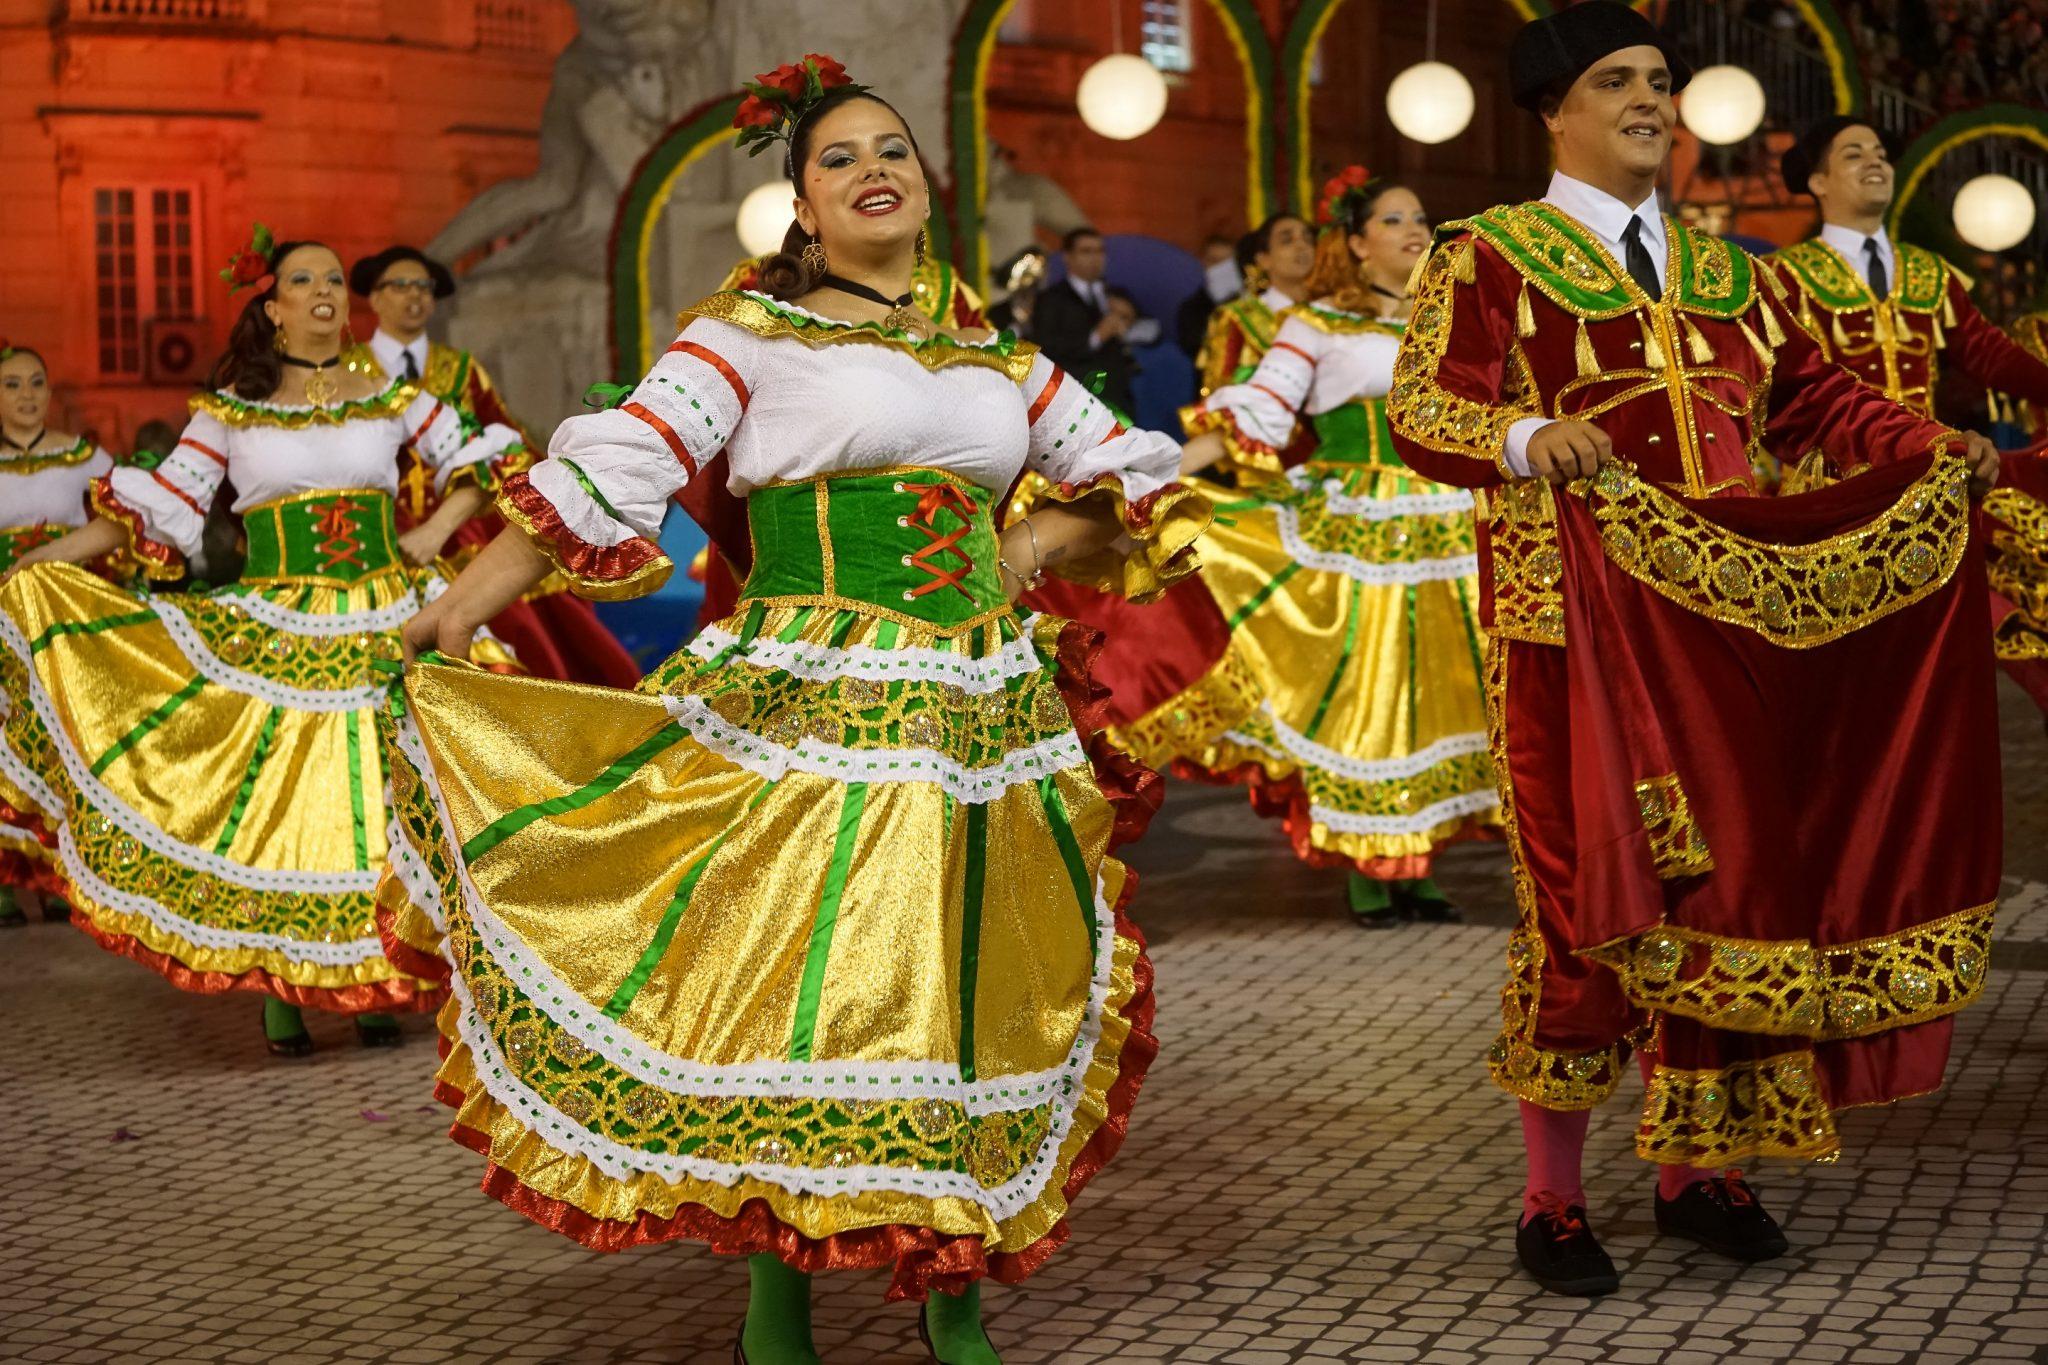 Uma mulher, com rosas na cabeça, dança com uma saia larga de cor dourada e verde. Ao seu lado, um homem vestido de toureiro em tons vermelho escuro e dourado empunha um capote. Em segundo plano, outros marchantes com a mesma roupa replicam estes gestos.